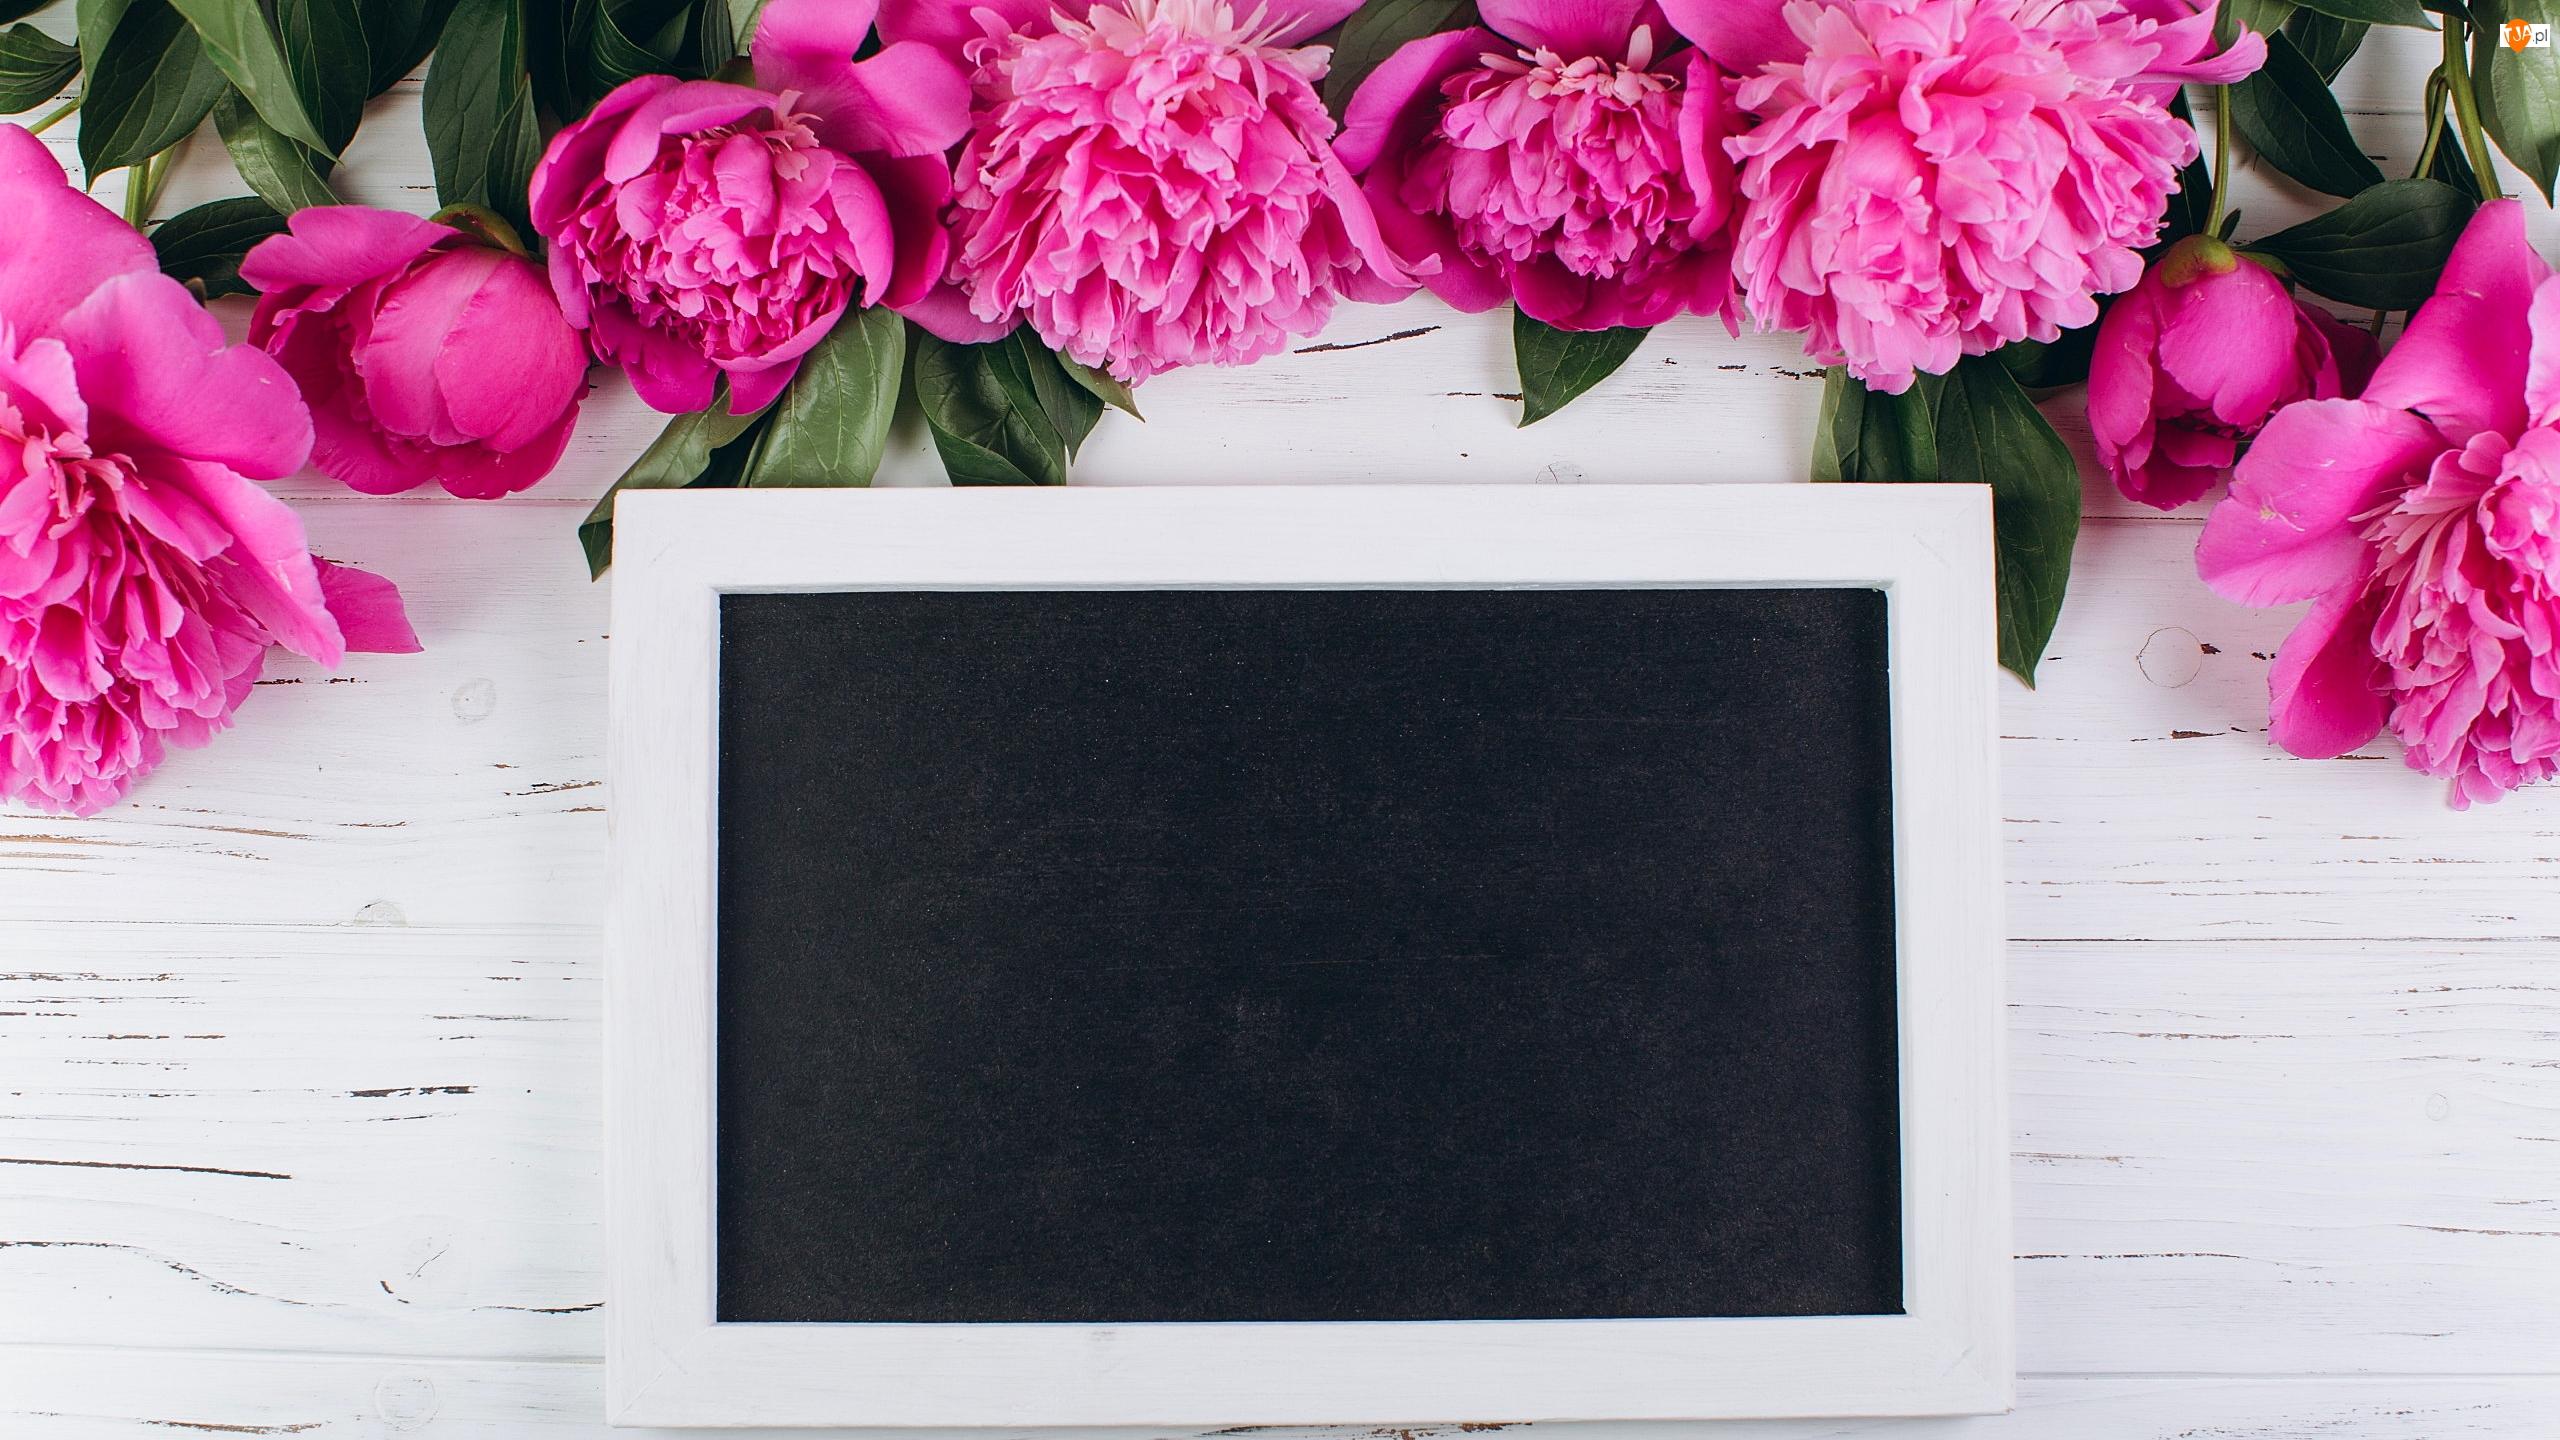 Liście, Deski, Piwonie, Kwiaty, Tabliczka